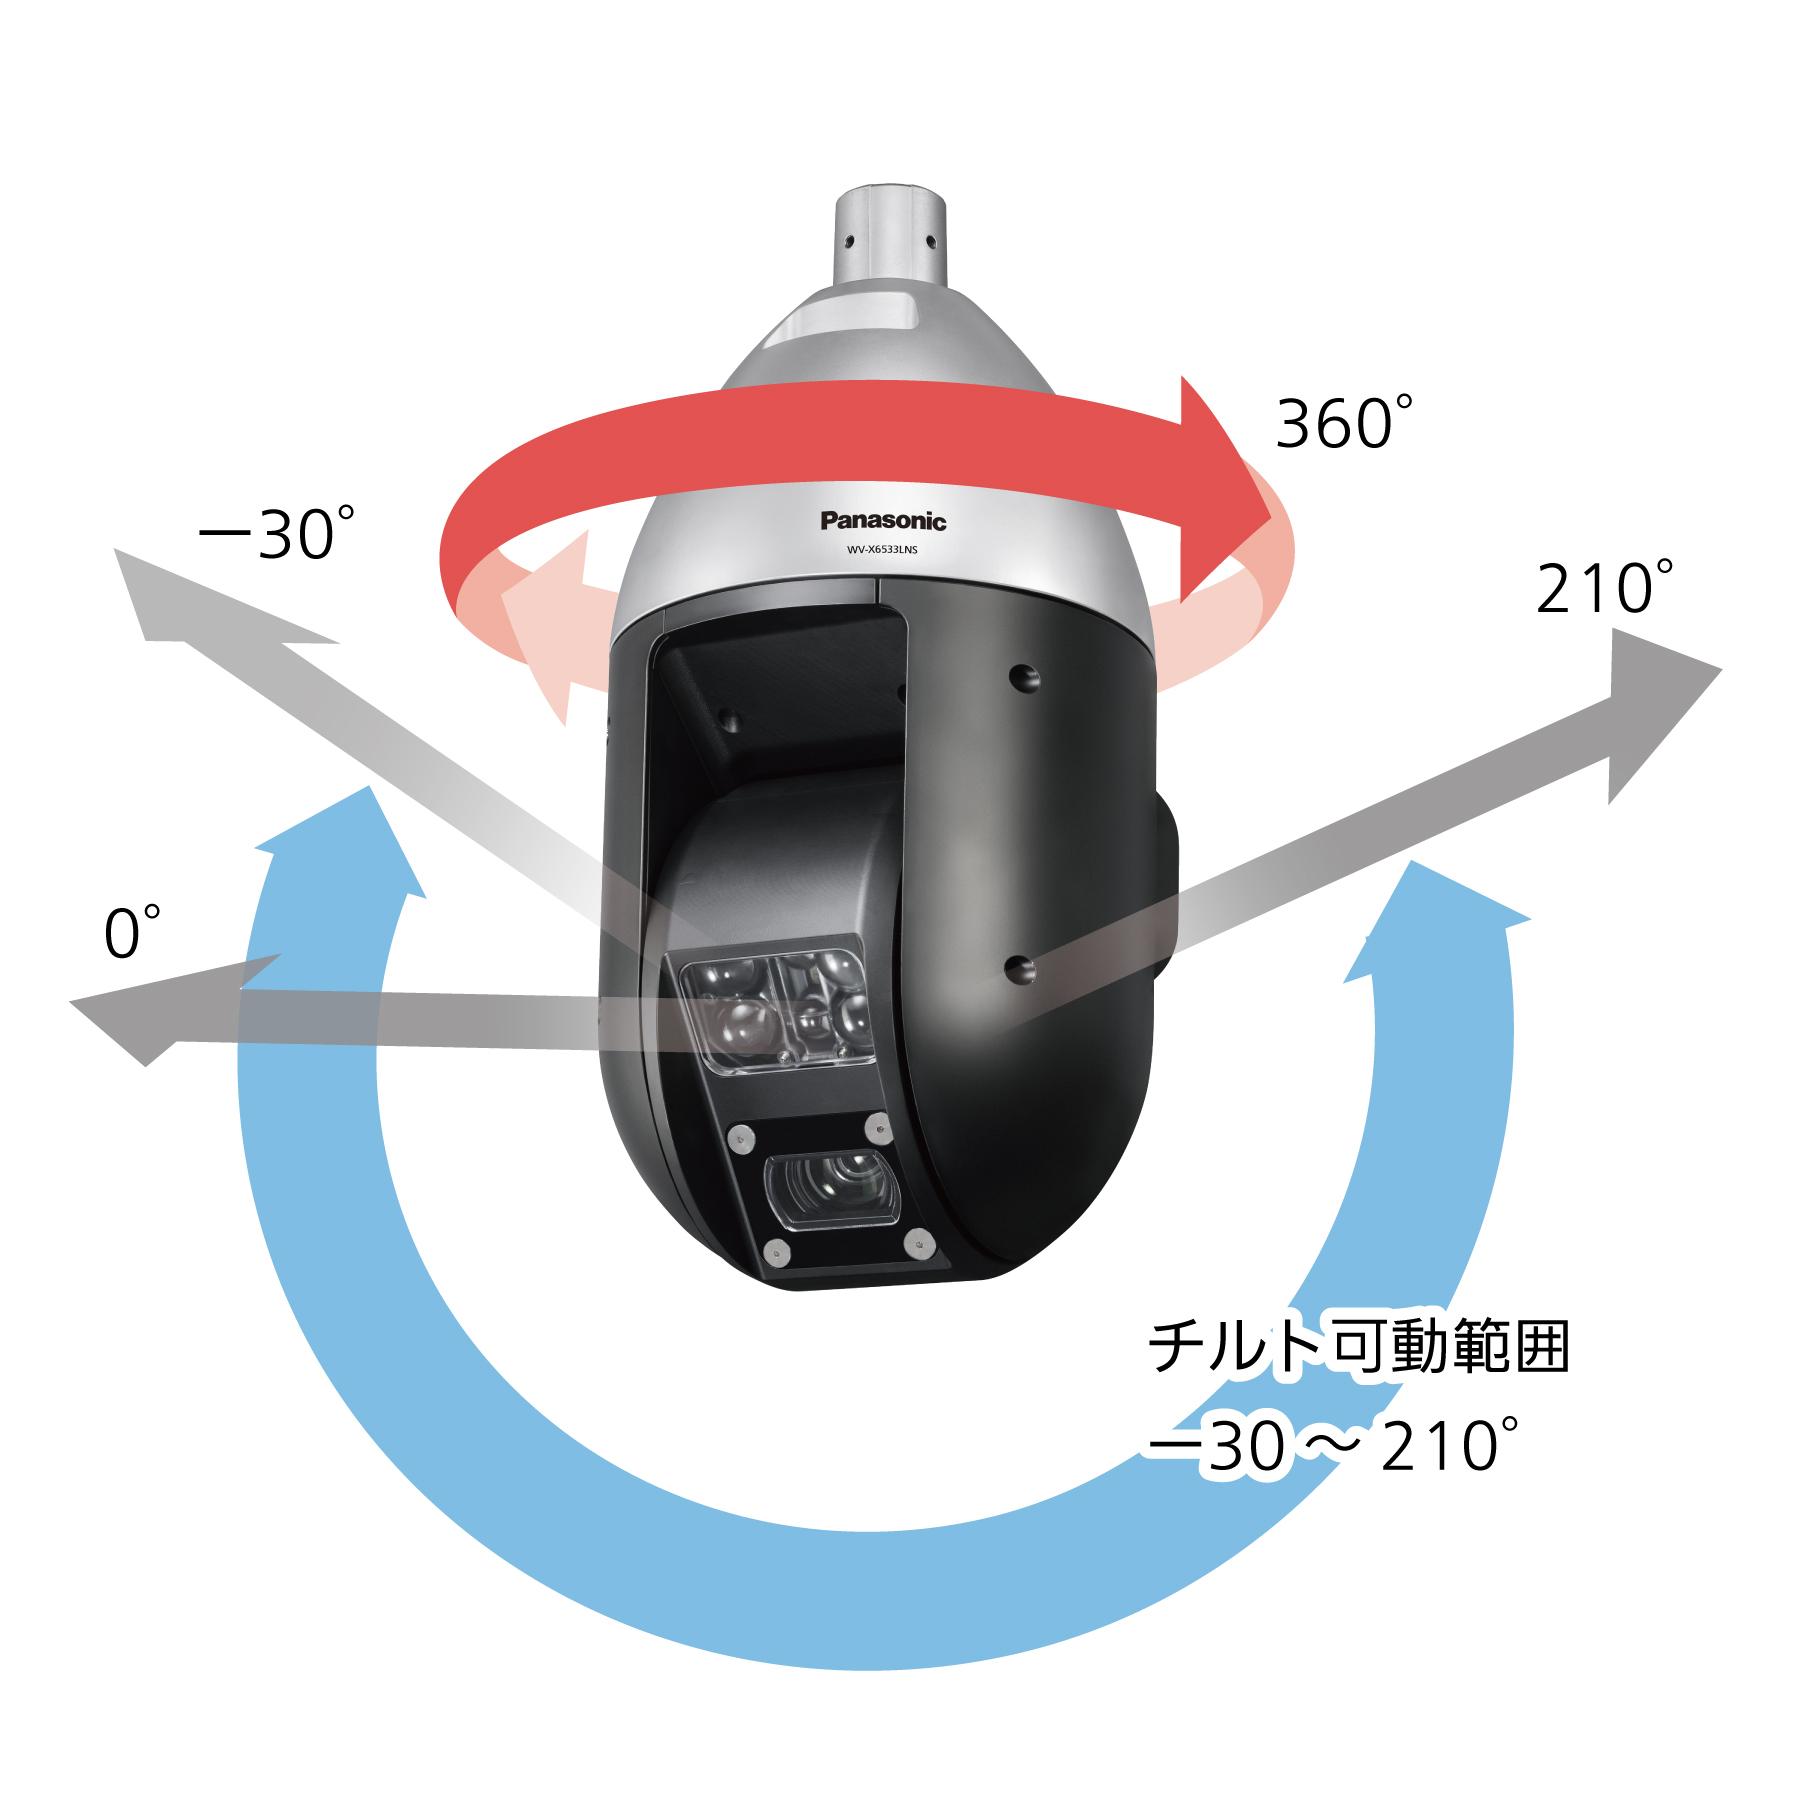 WV-X6533LNSJ_engai_sozai_v3